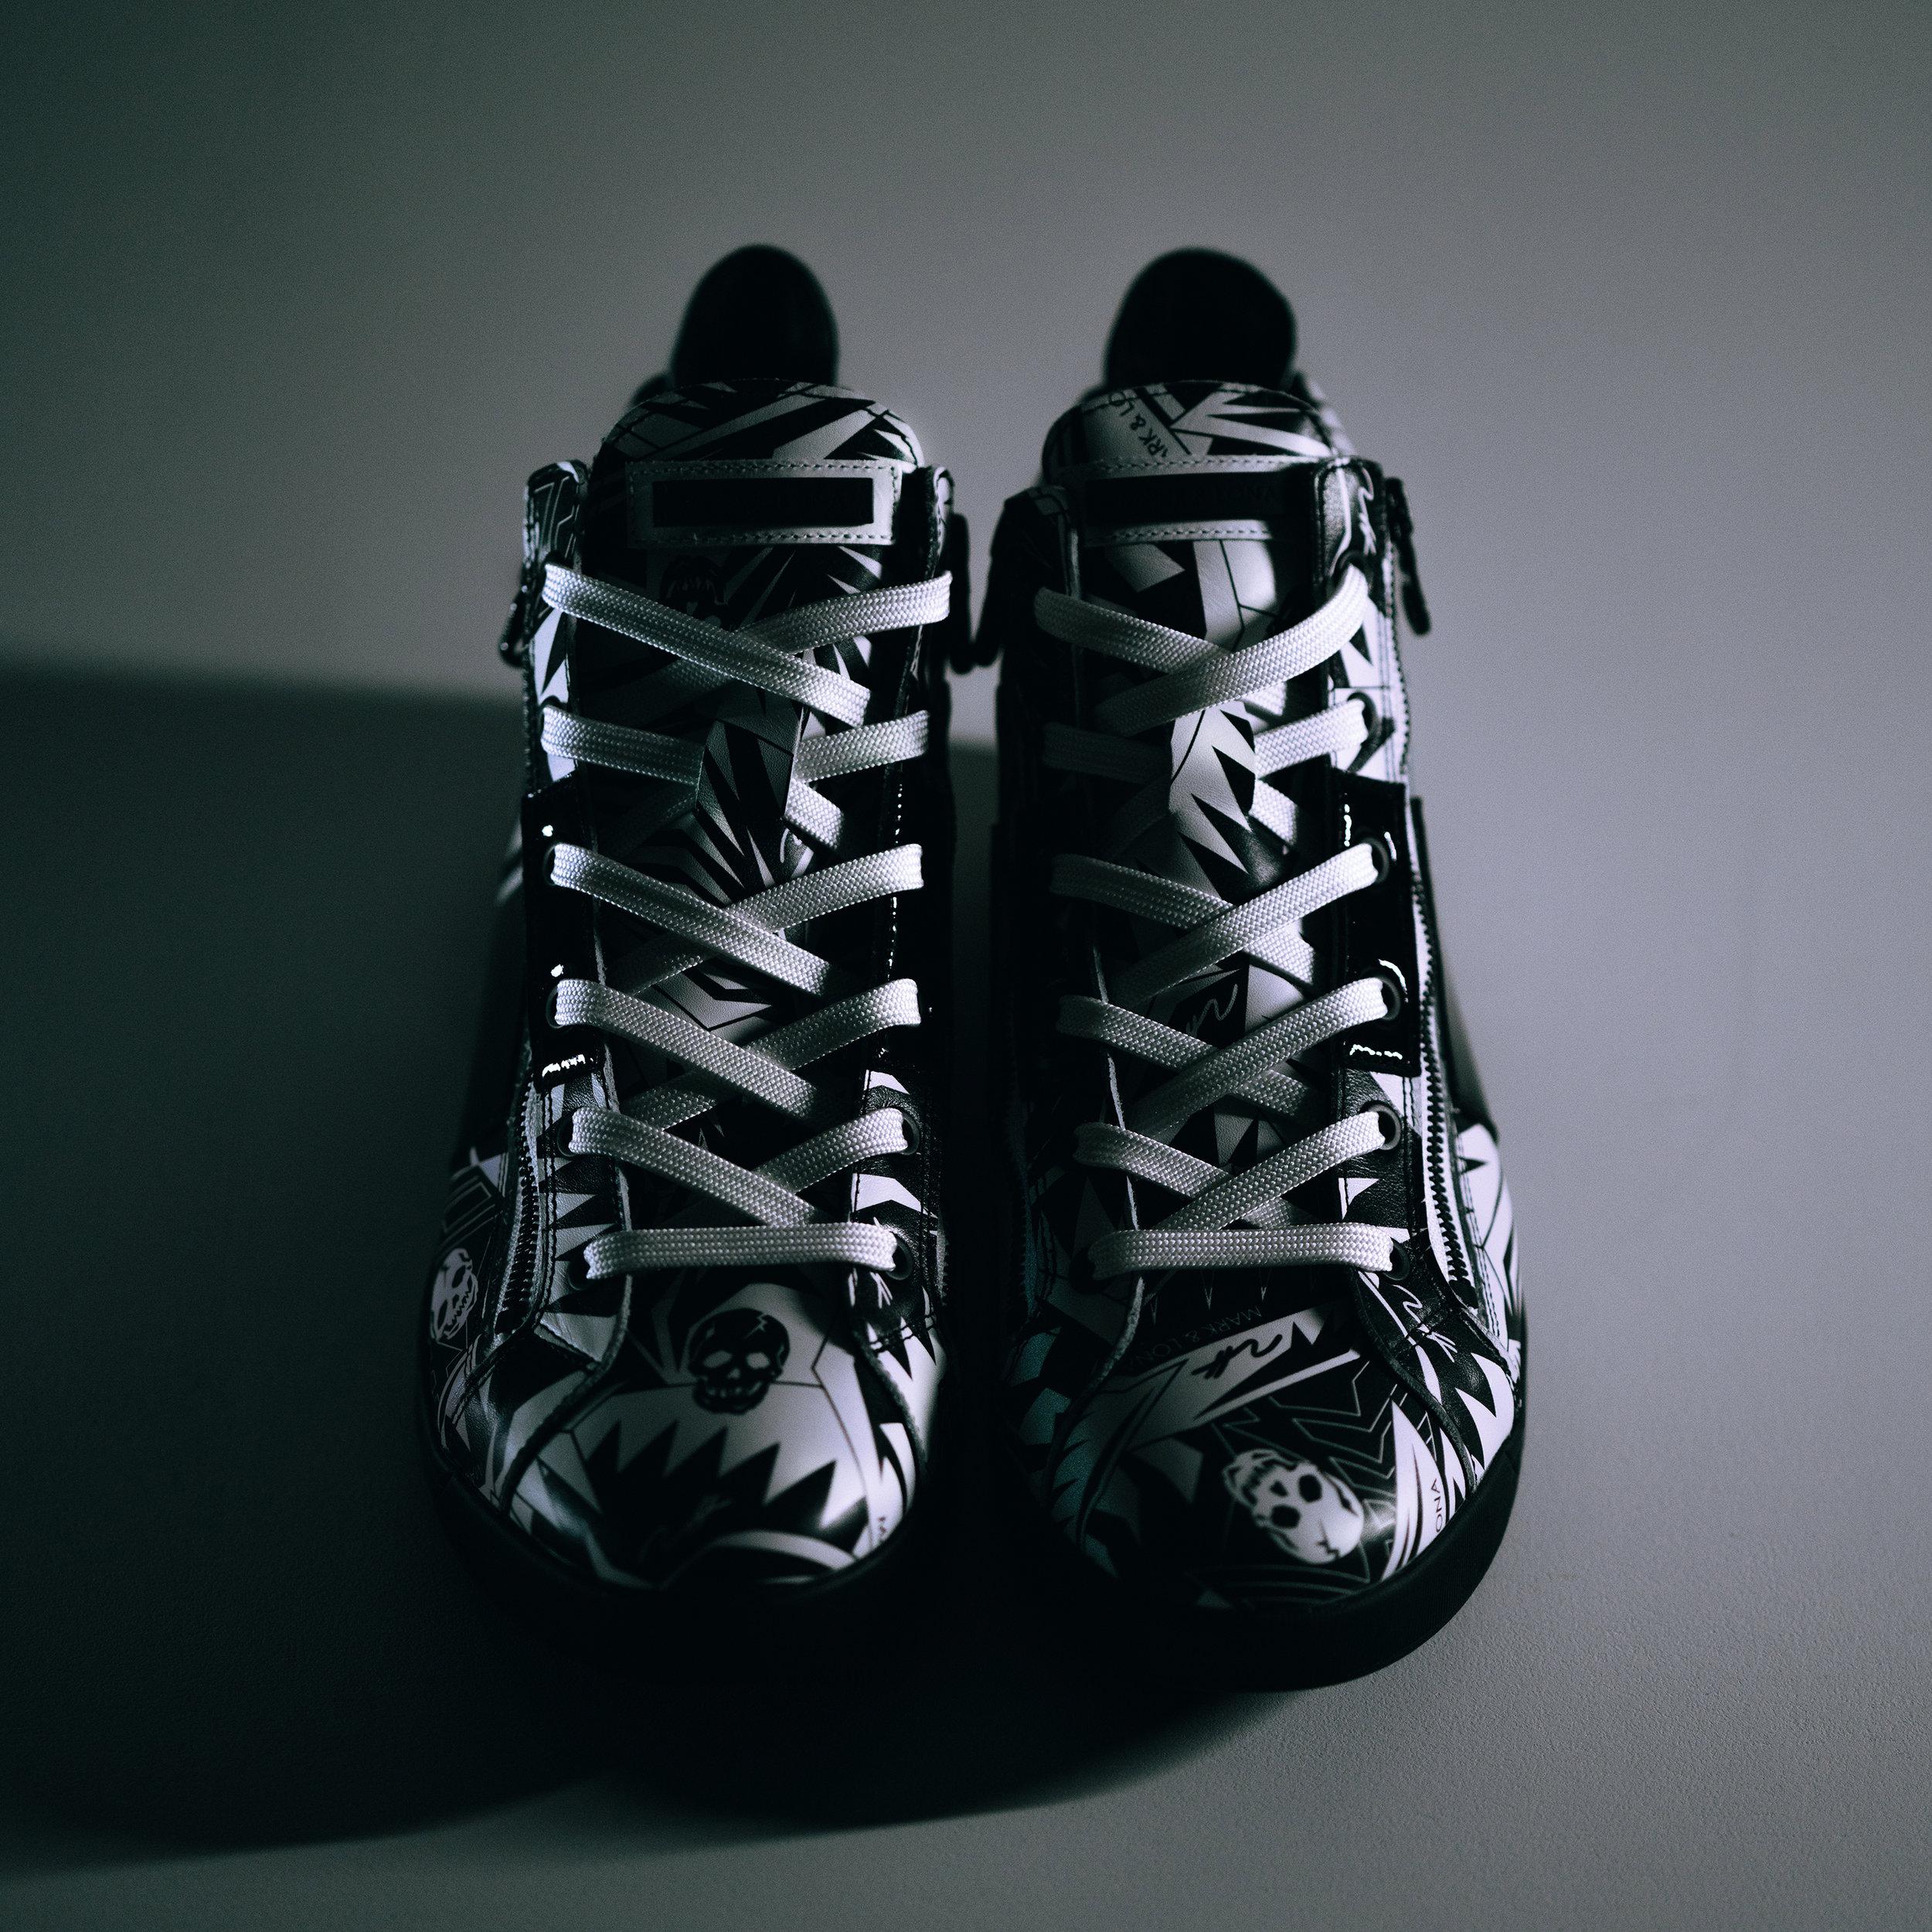 Tommii Lim - Savage Palms Shoes_thumb.jpg